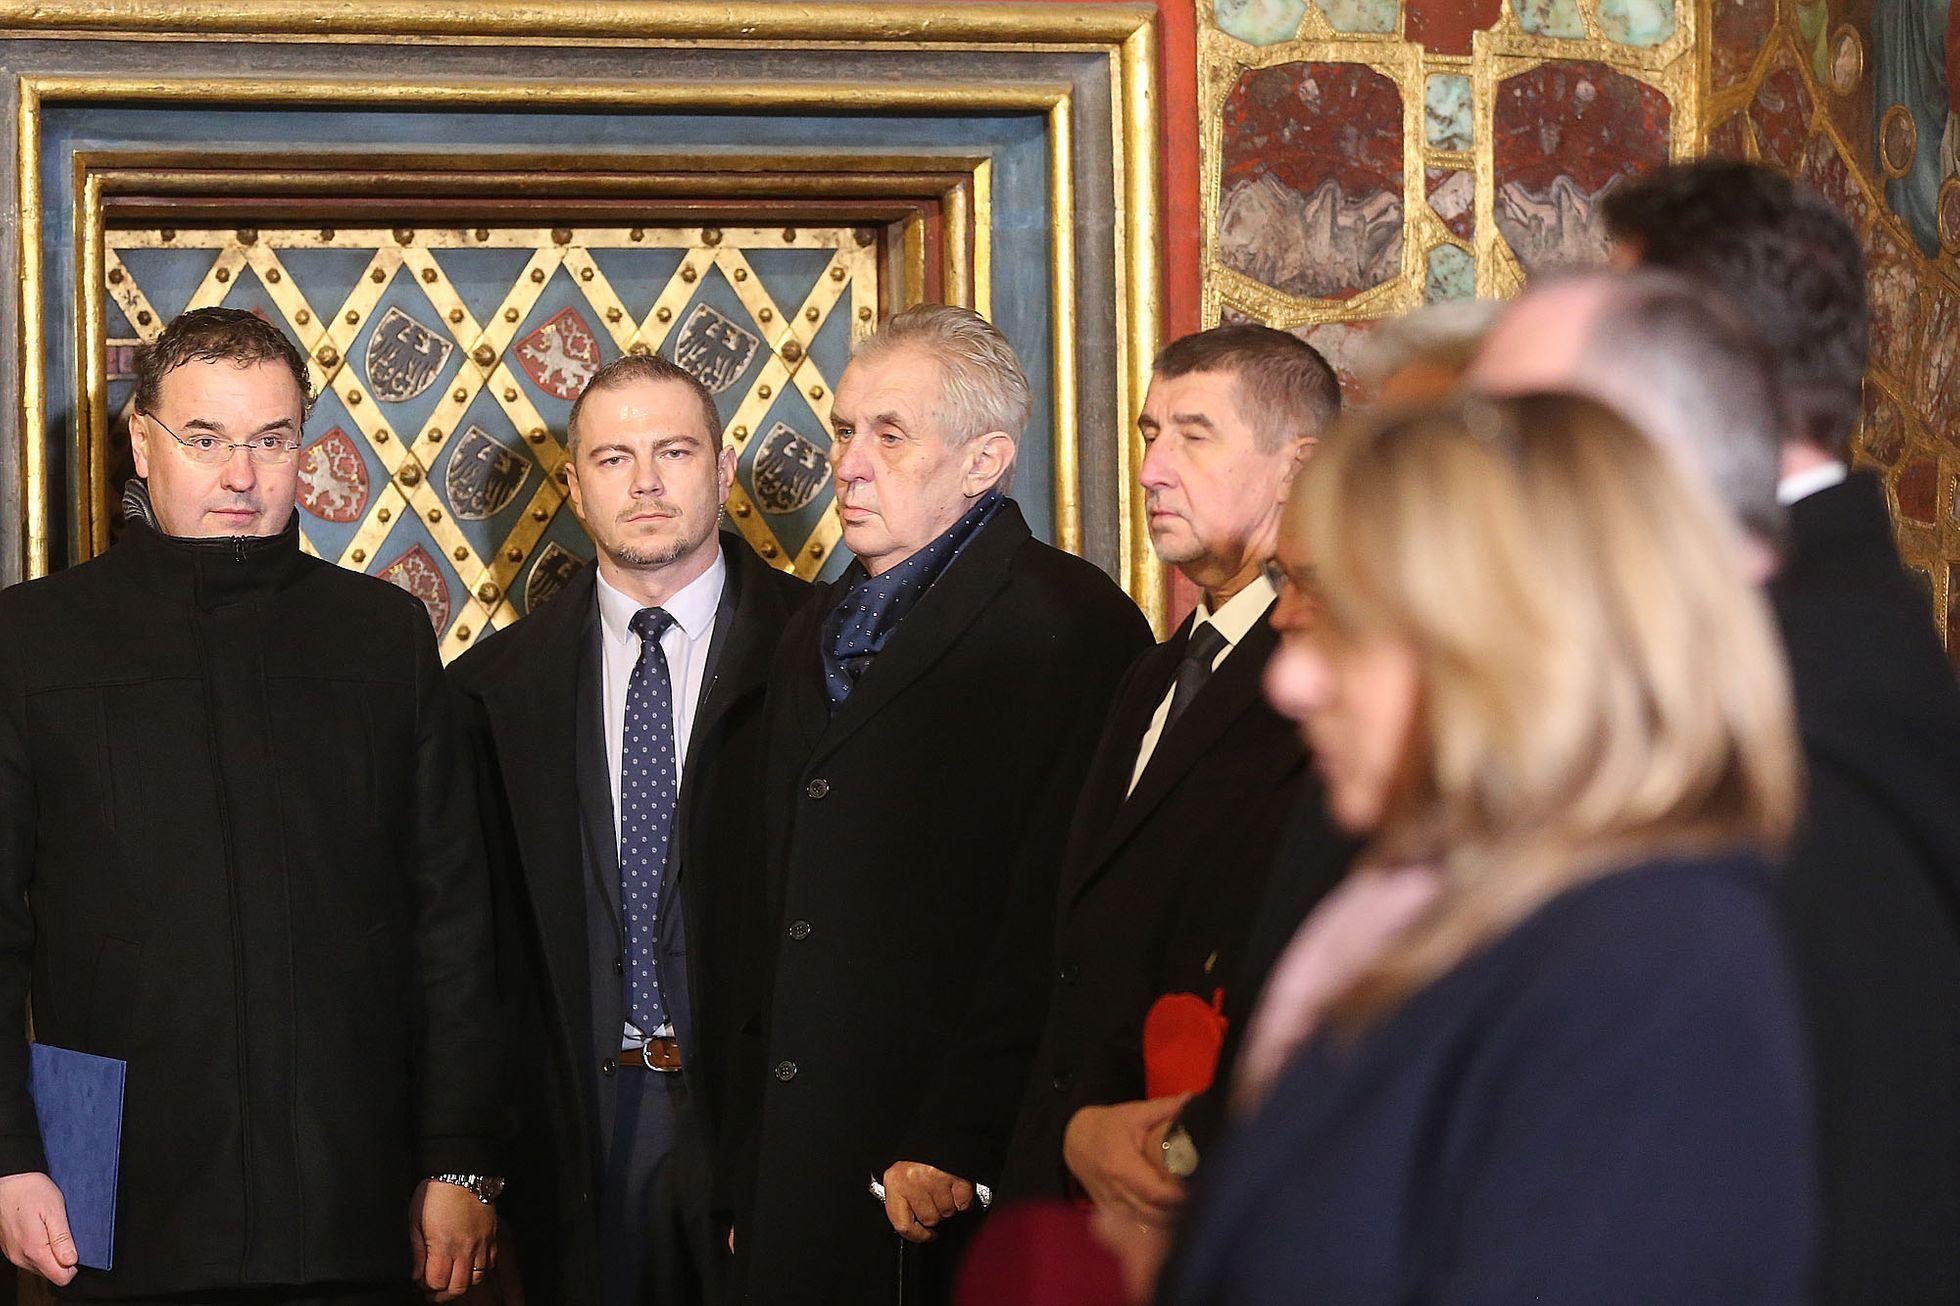 Vyjímání korunovačních klenotů ve Svatováclavské kapli. Klíčníci přihlížejí. 49358880f3